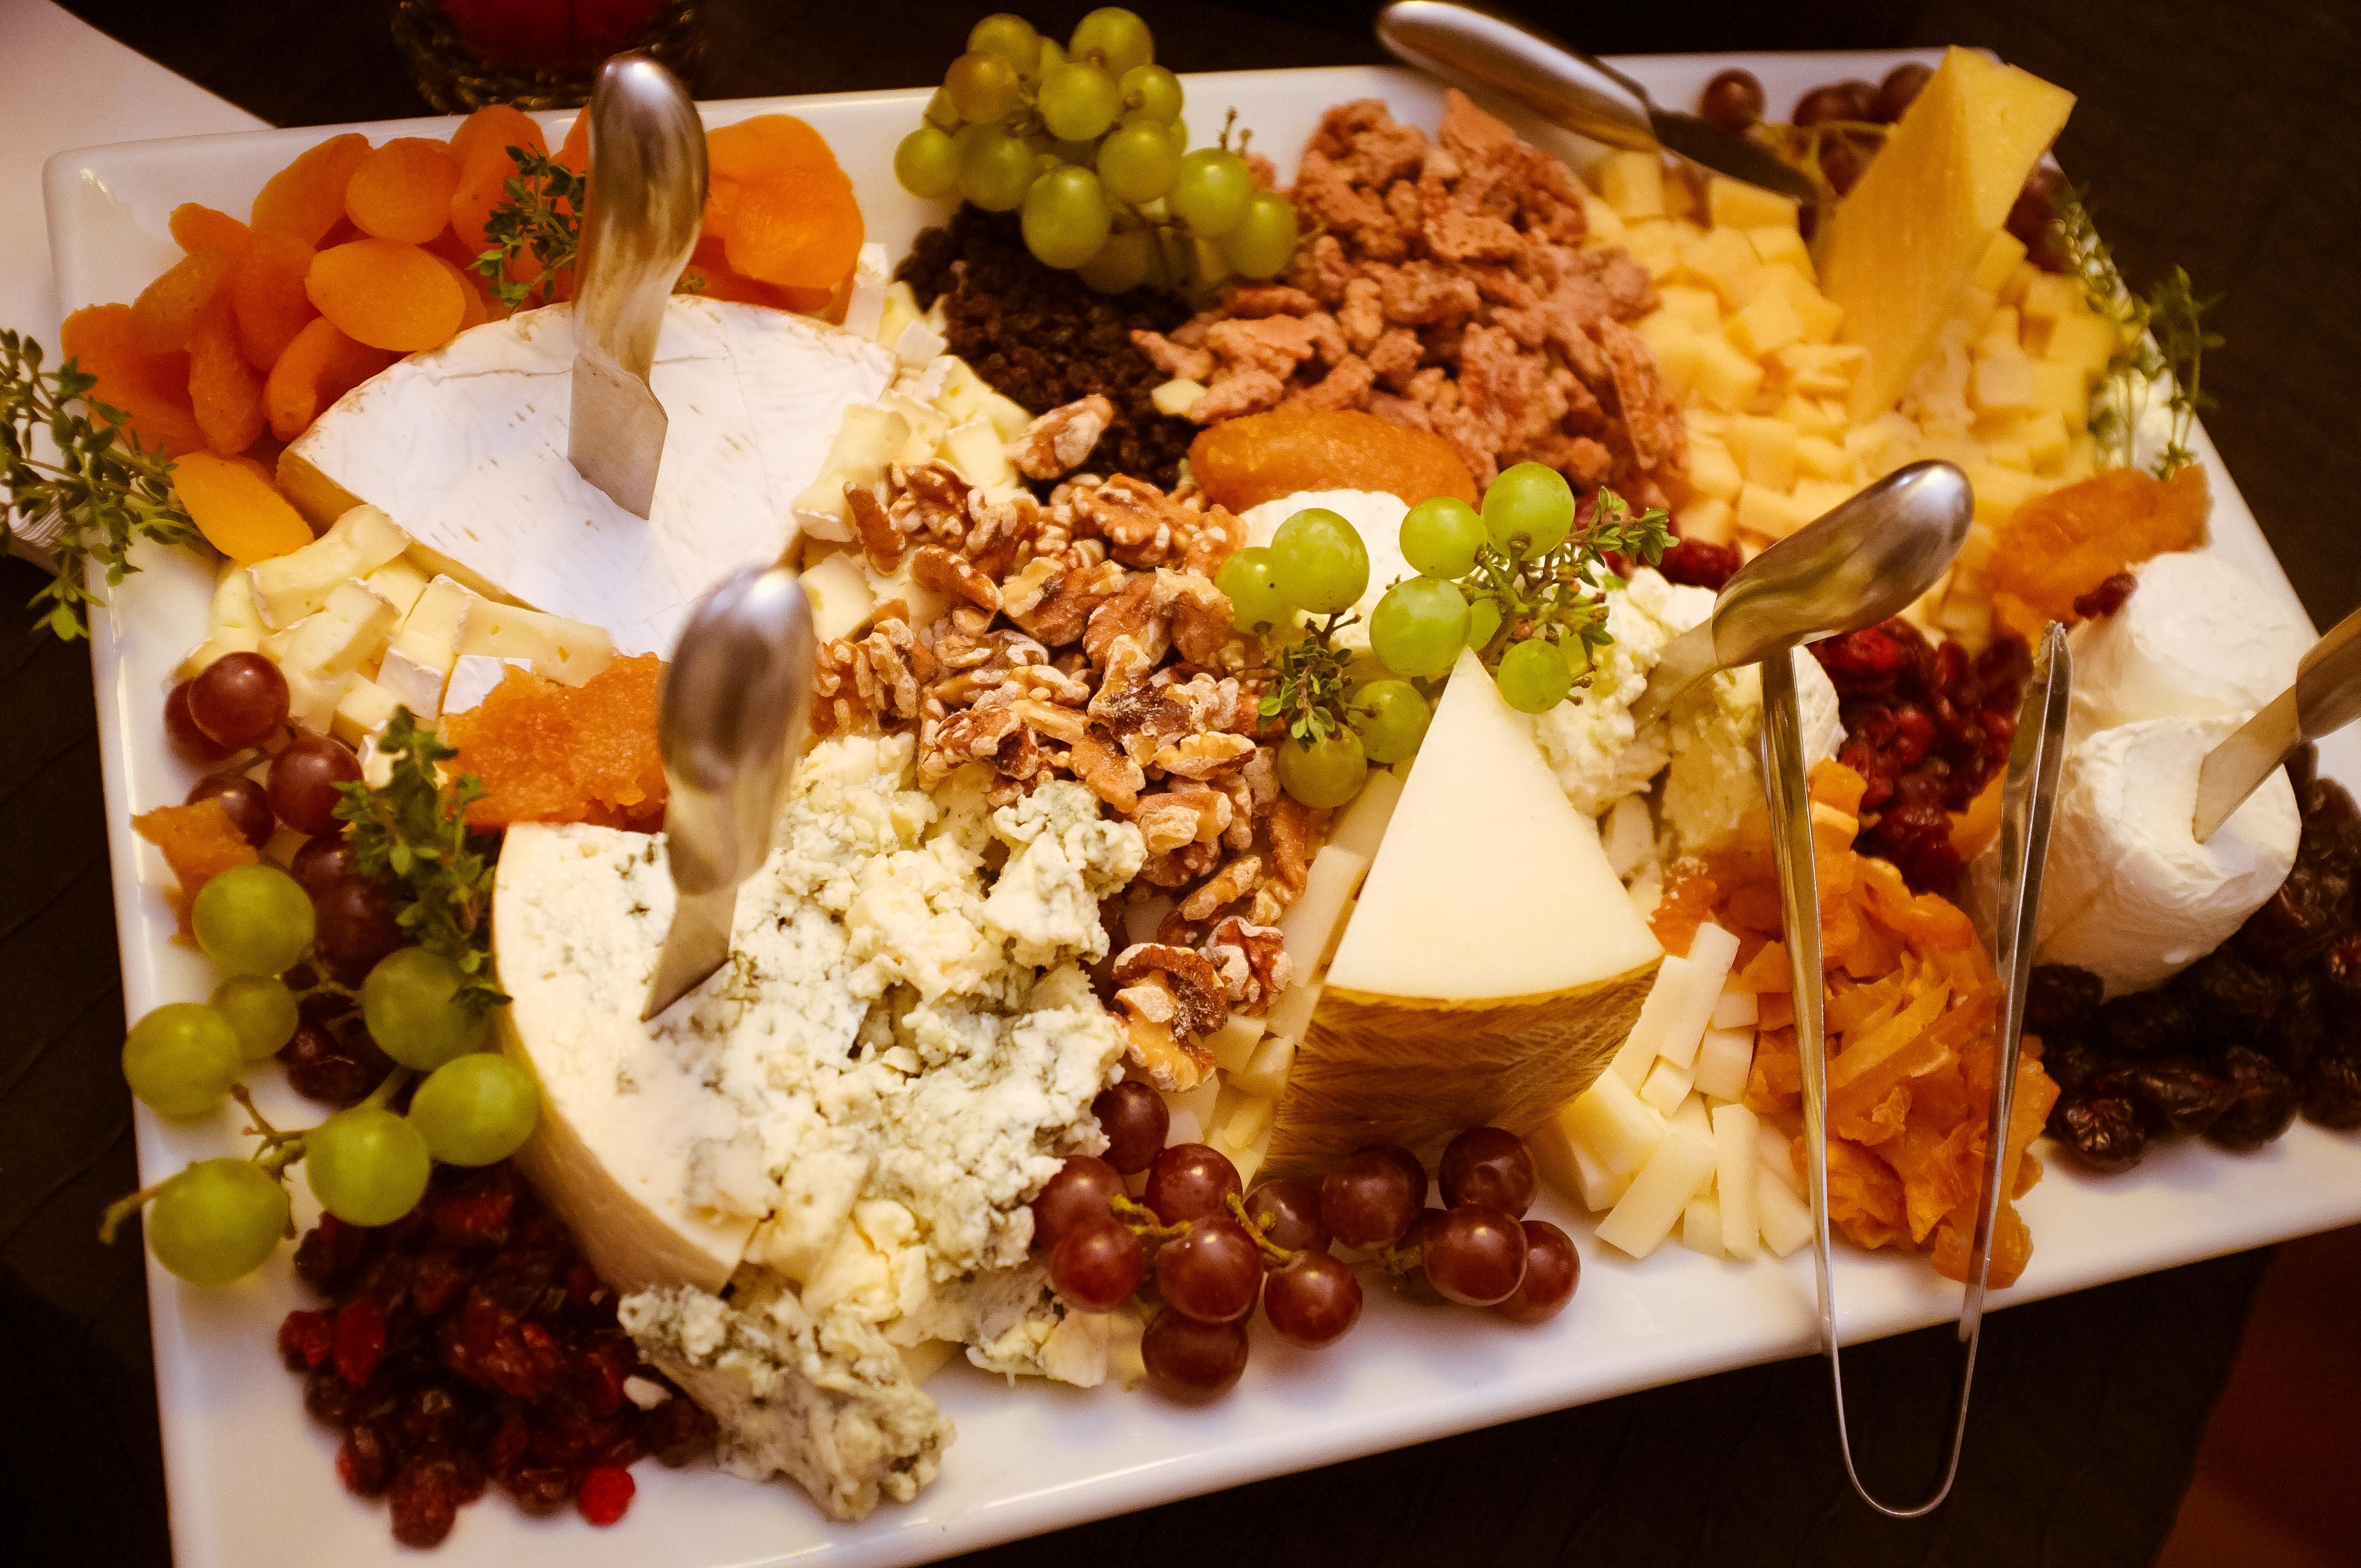 fruit-nut-platter & fruit-nut-platter -